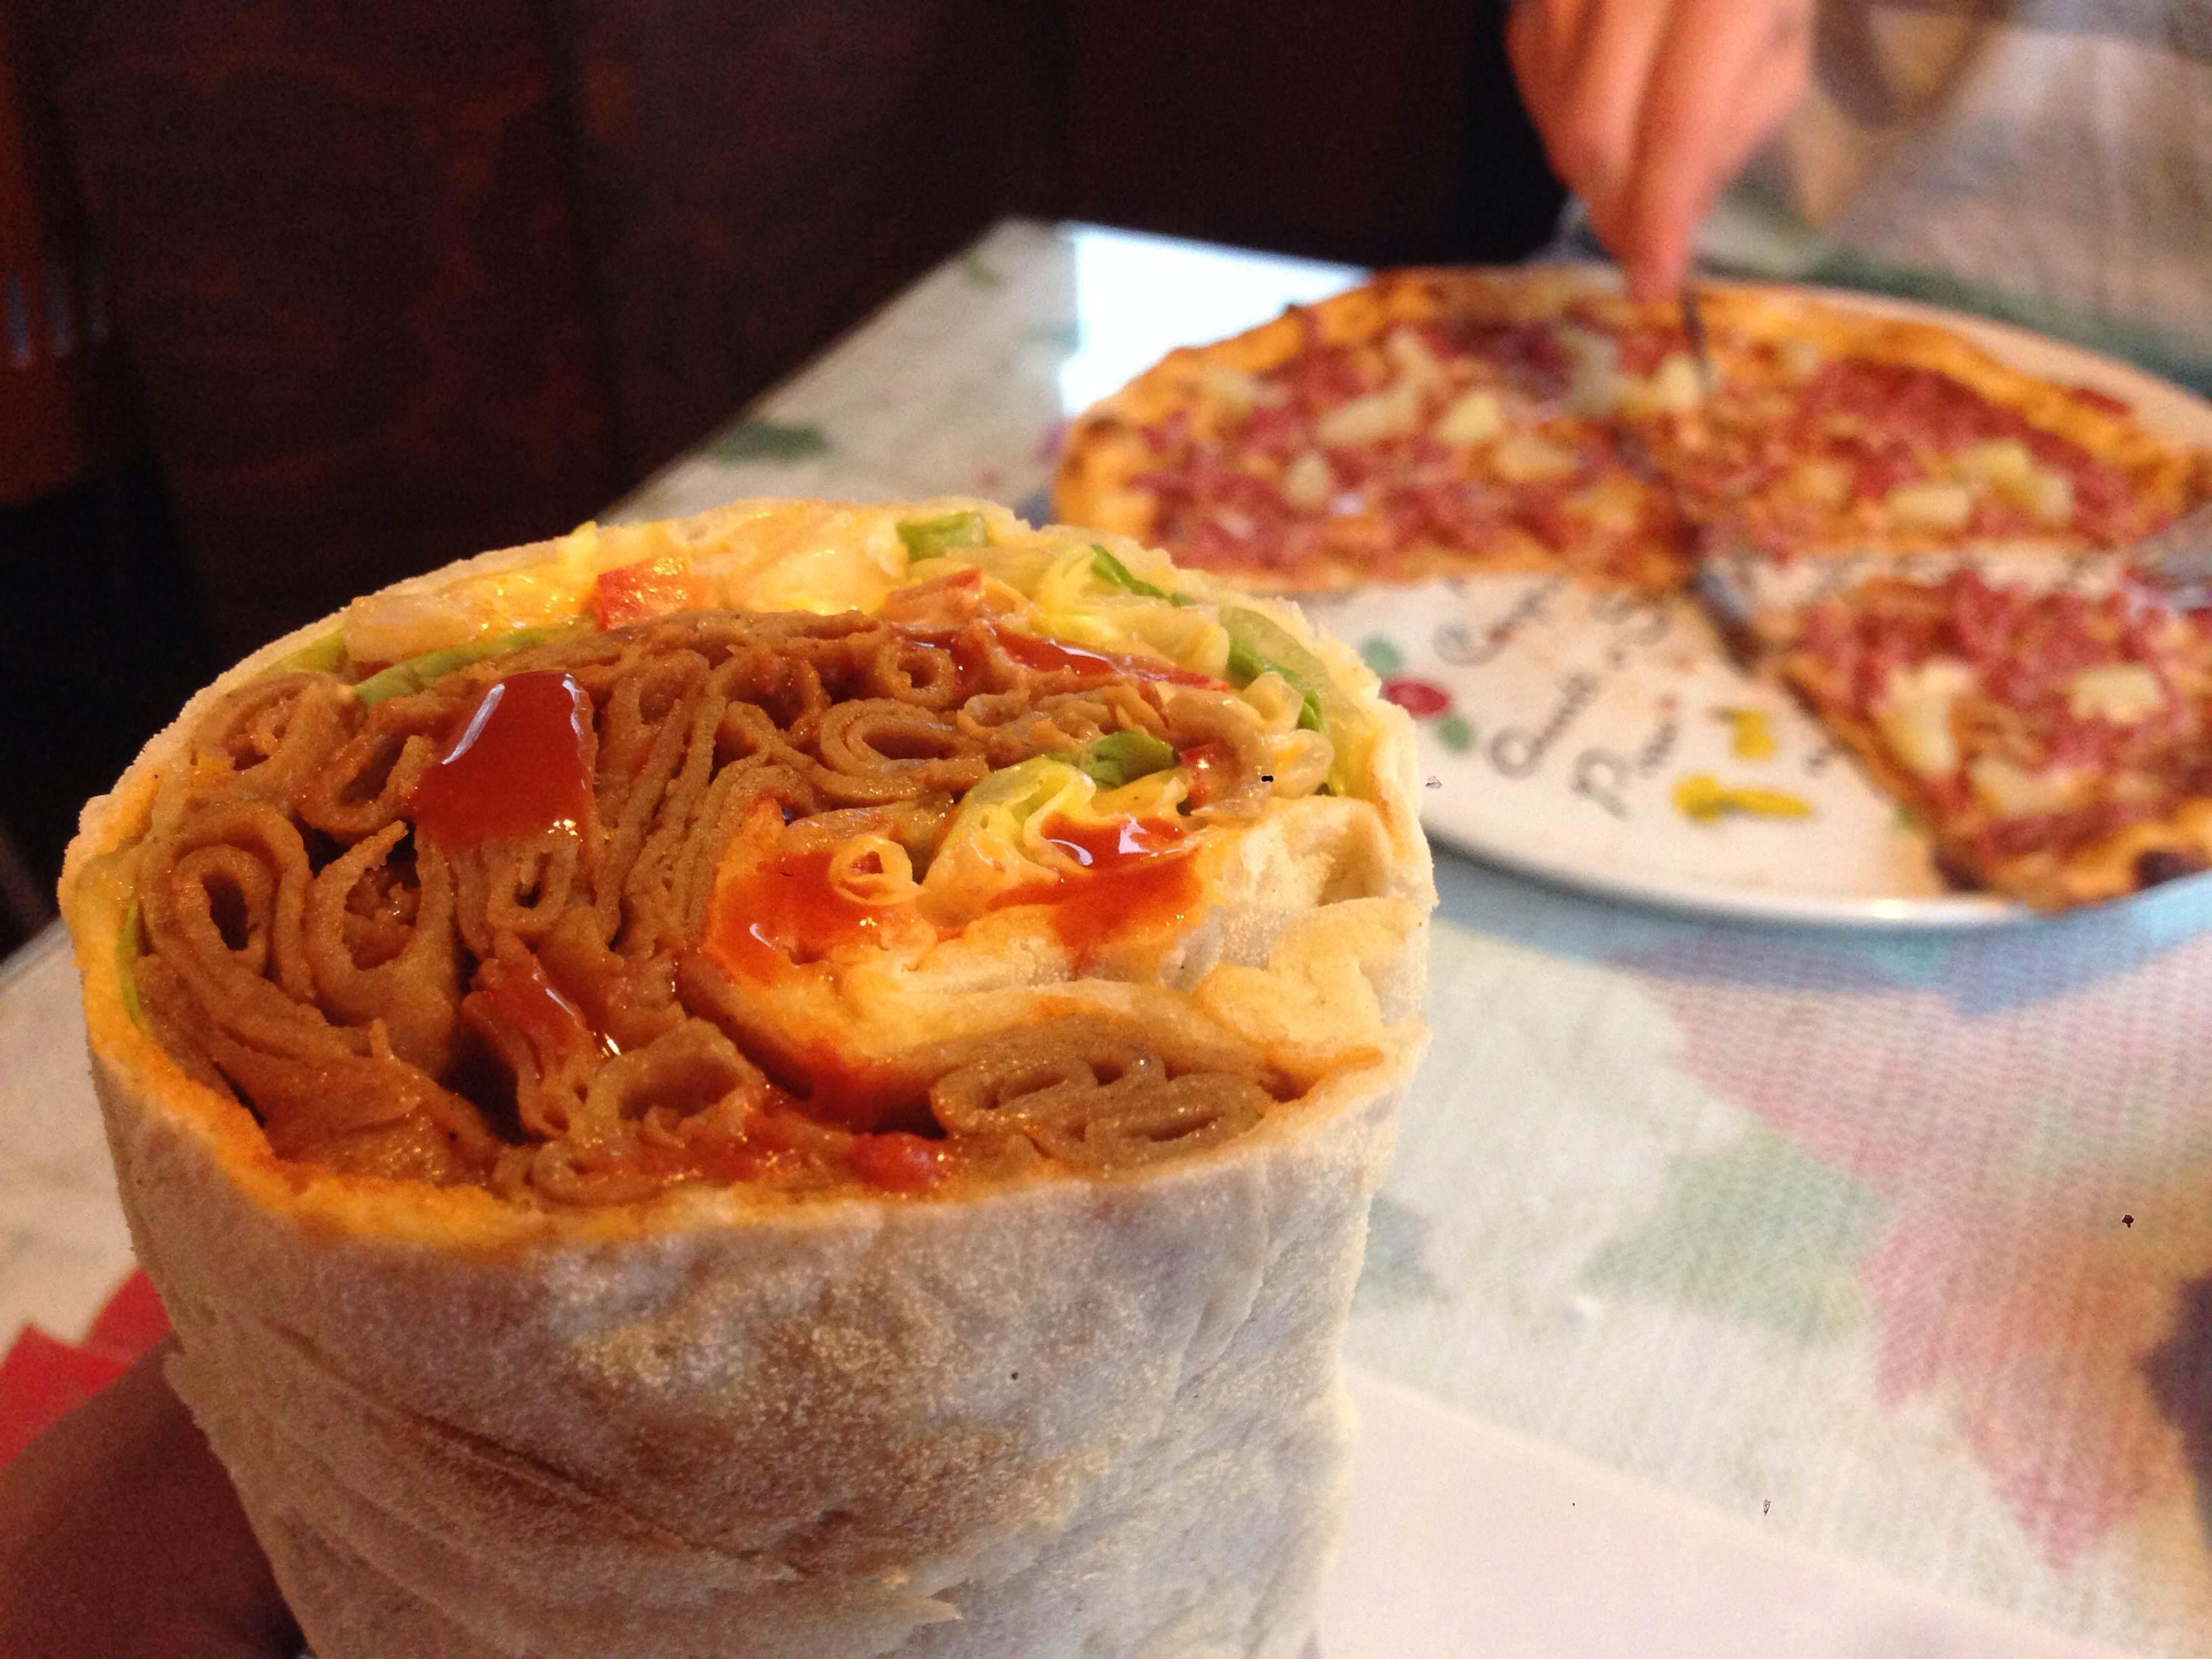 Rodin Pizza & Kebab, Jyväskylä